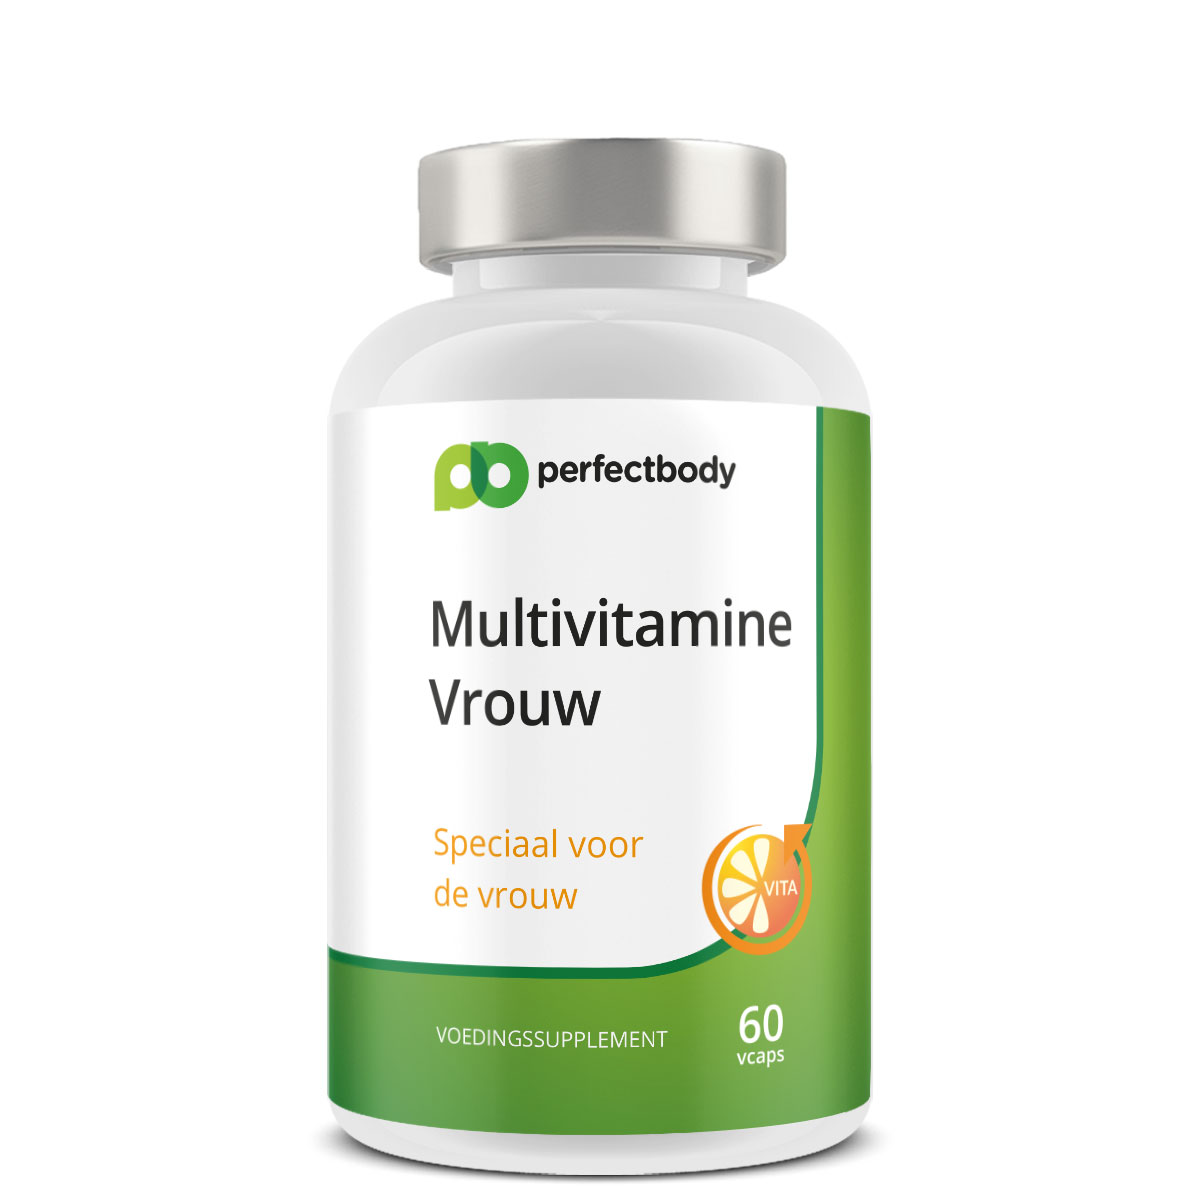 Perfectbody Multivitamine Vrouw - 60 Vcaps